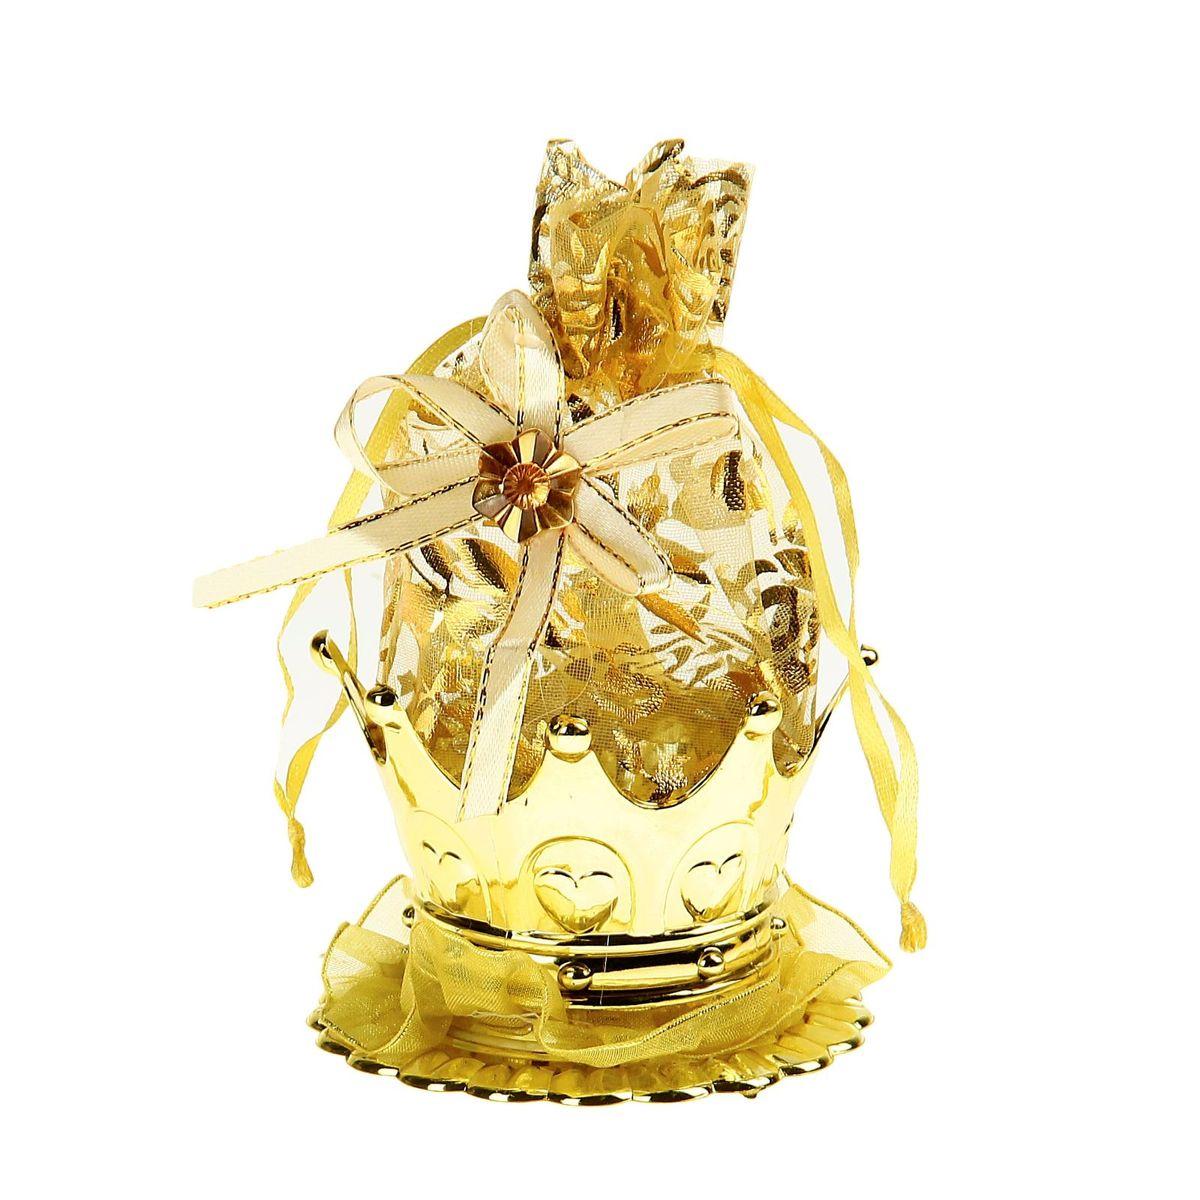 Бонбоньерка Sima-land Корона, цвет: золото, 7 x 7 x 14 см1023255Очень красивая традиция современной свадьбы, пришедшая к нам с Запада, — дарить гостям бонбоньерки с угощениями в знак благодарности тому, кто пришёл на свадьбу. Бонбоньерка Корона, цвет золото — аксессуар, который поможет со вкусом оформить праздничные столы, а гостей оставит в полном восторге. В эту шикарную корзиночку в форме короны вы можете спрятать сладкий подарок. Как правило, приглашённых угощают миндалём, конфетами или марципанами, но фантазировать можно сколько угодно! Делайте приятные сюрпризы для дорогих сердцу людей!